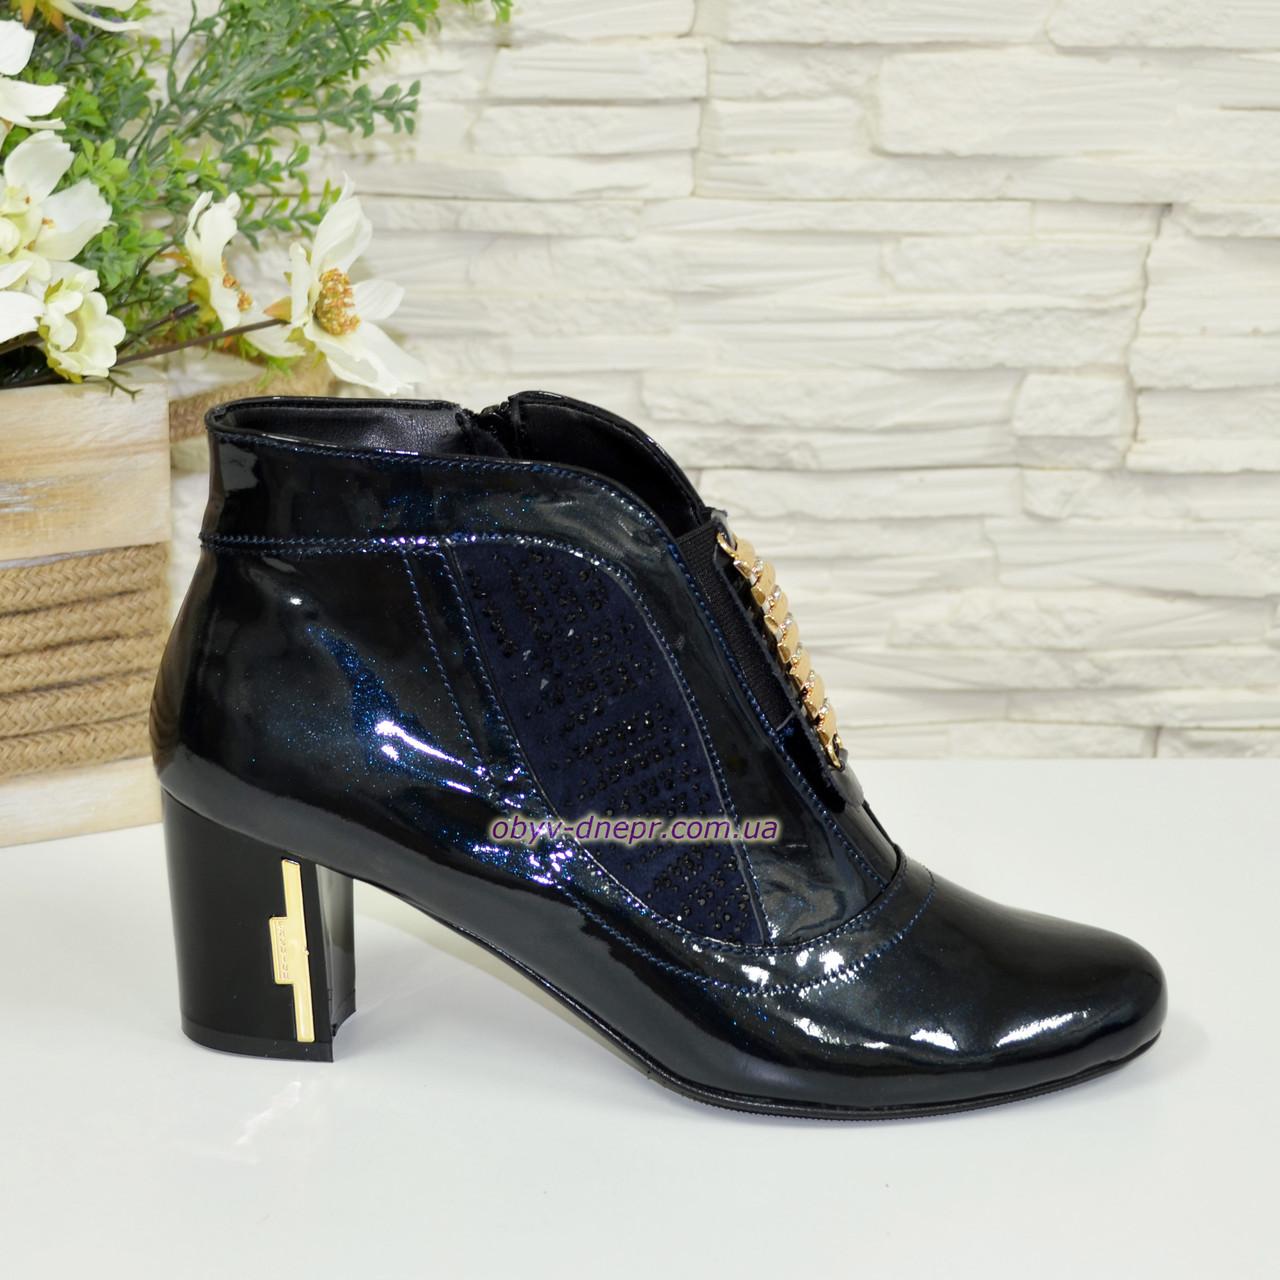 Стильные женские лаковые демисезонные ботинки, декорированы стразами и фурнитурой.